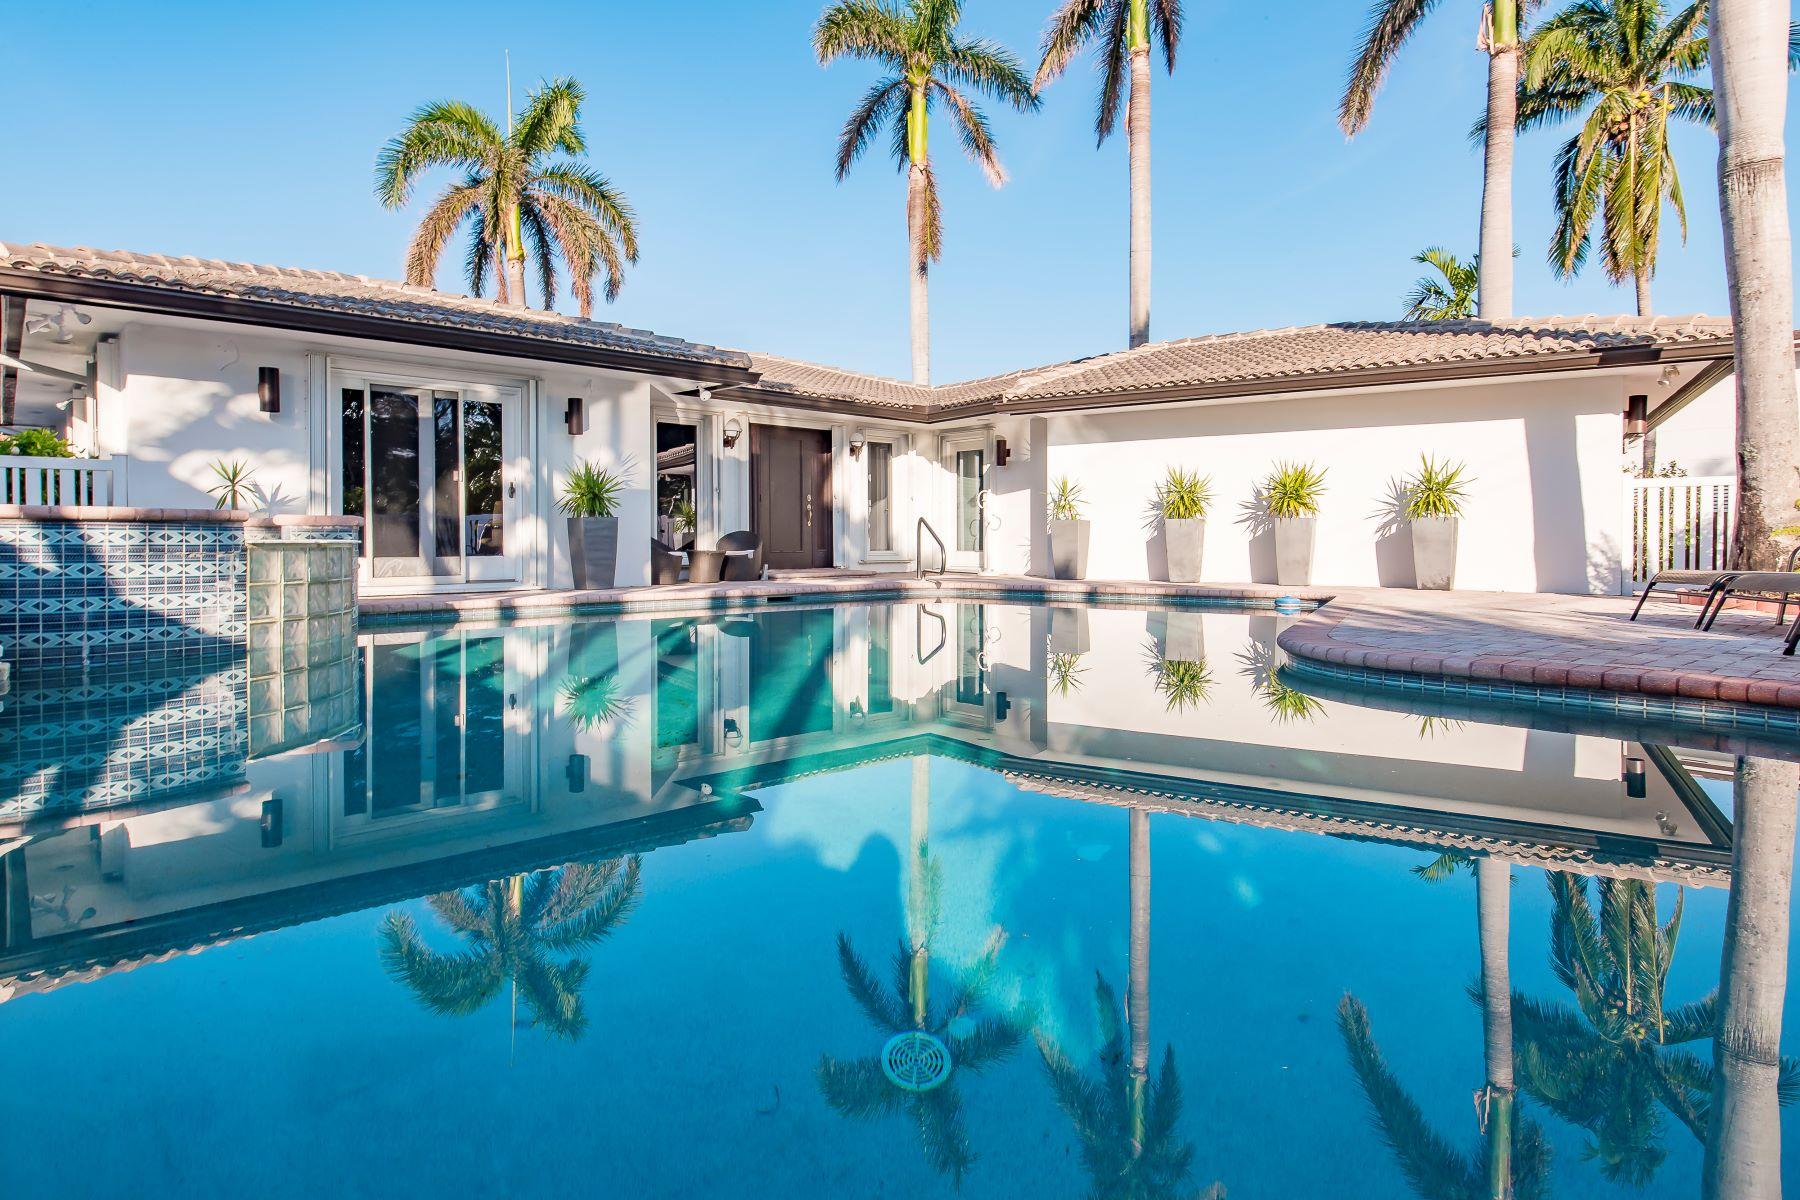 独户住宅 为 销售 在 319 Seven Isles Dr 劳德代尔堡, 佛罗里达州, 33301 美国